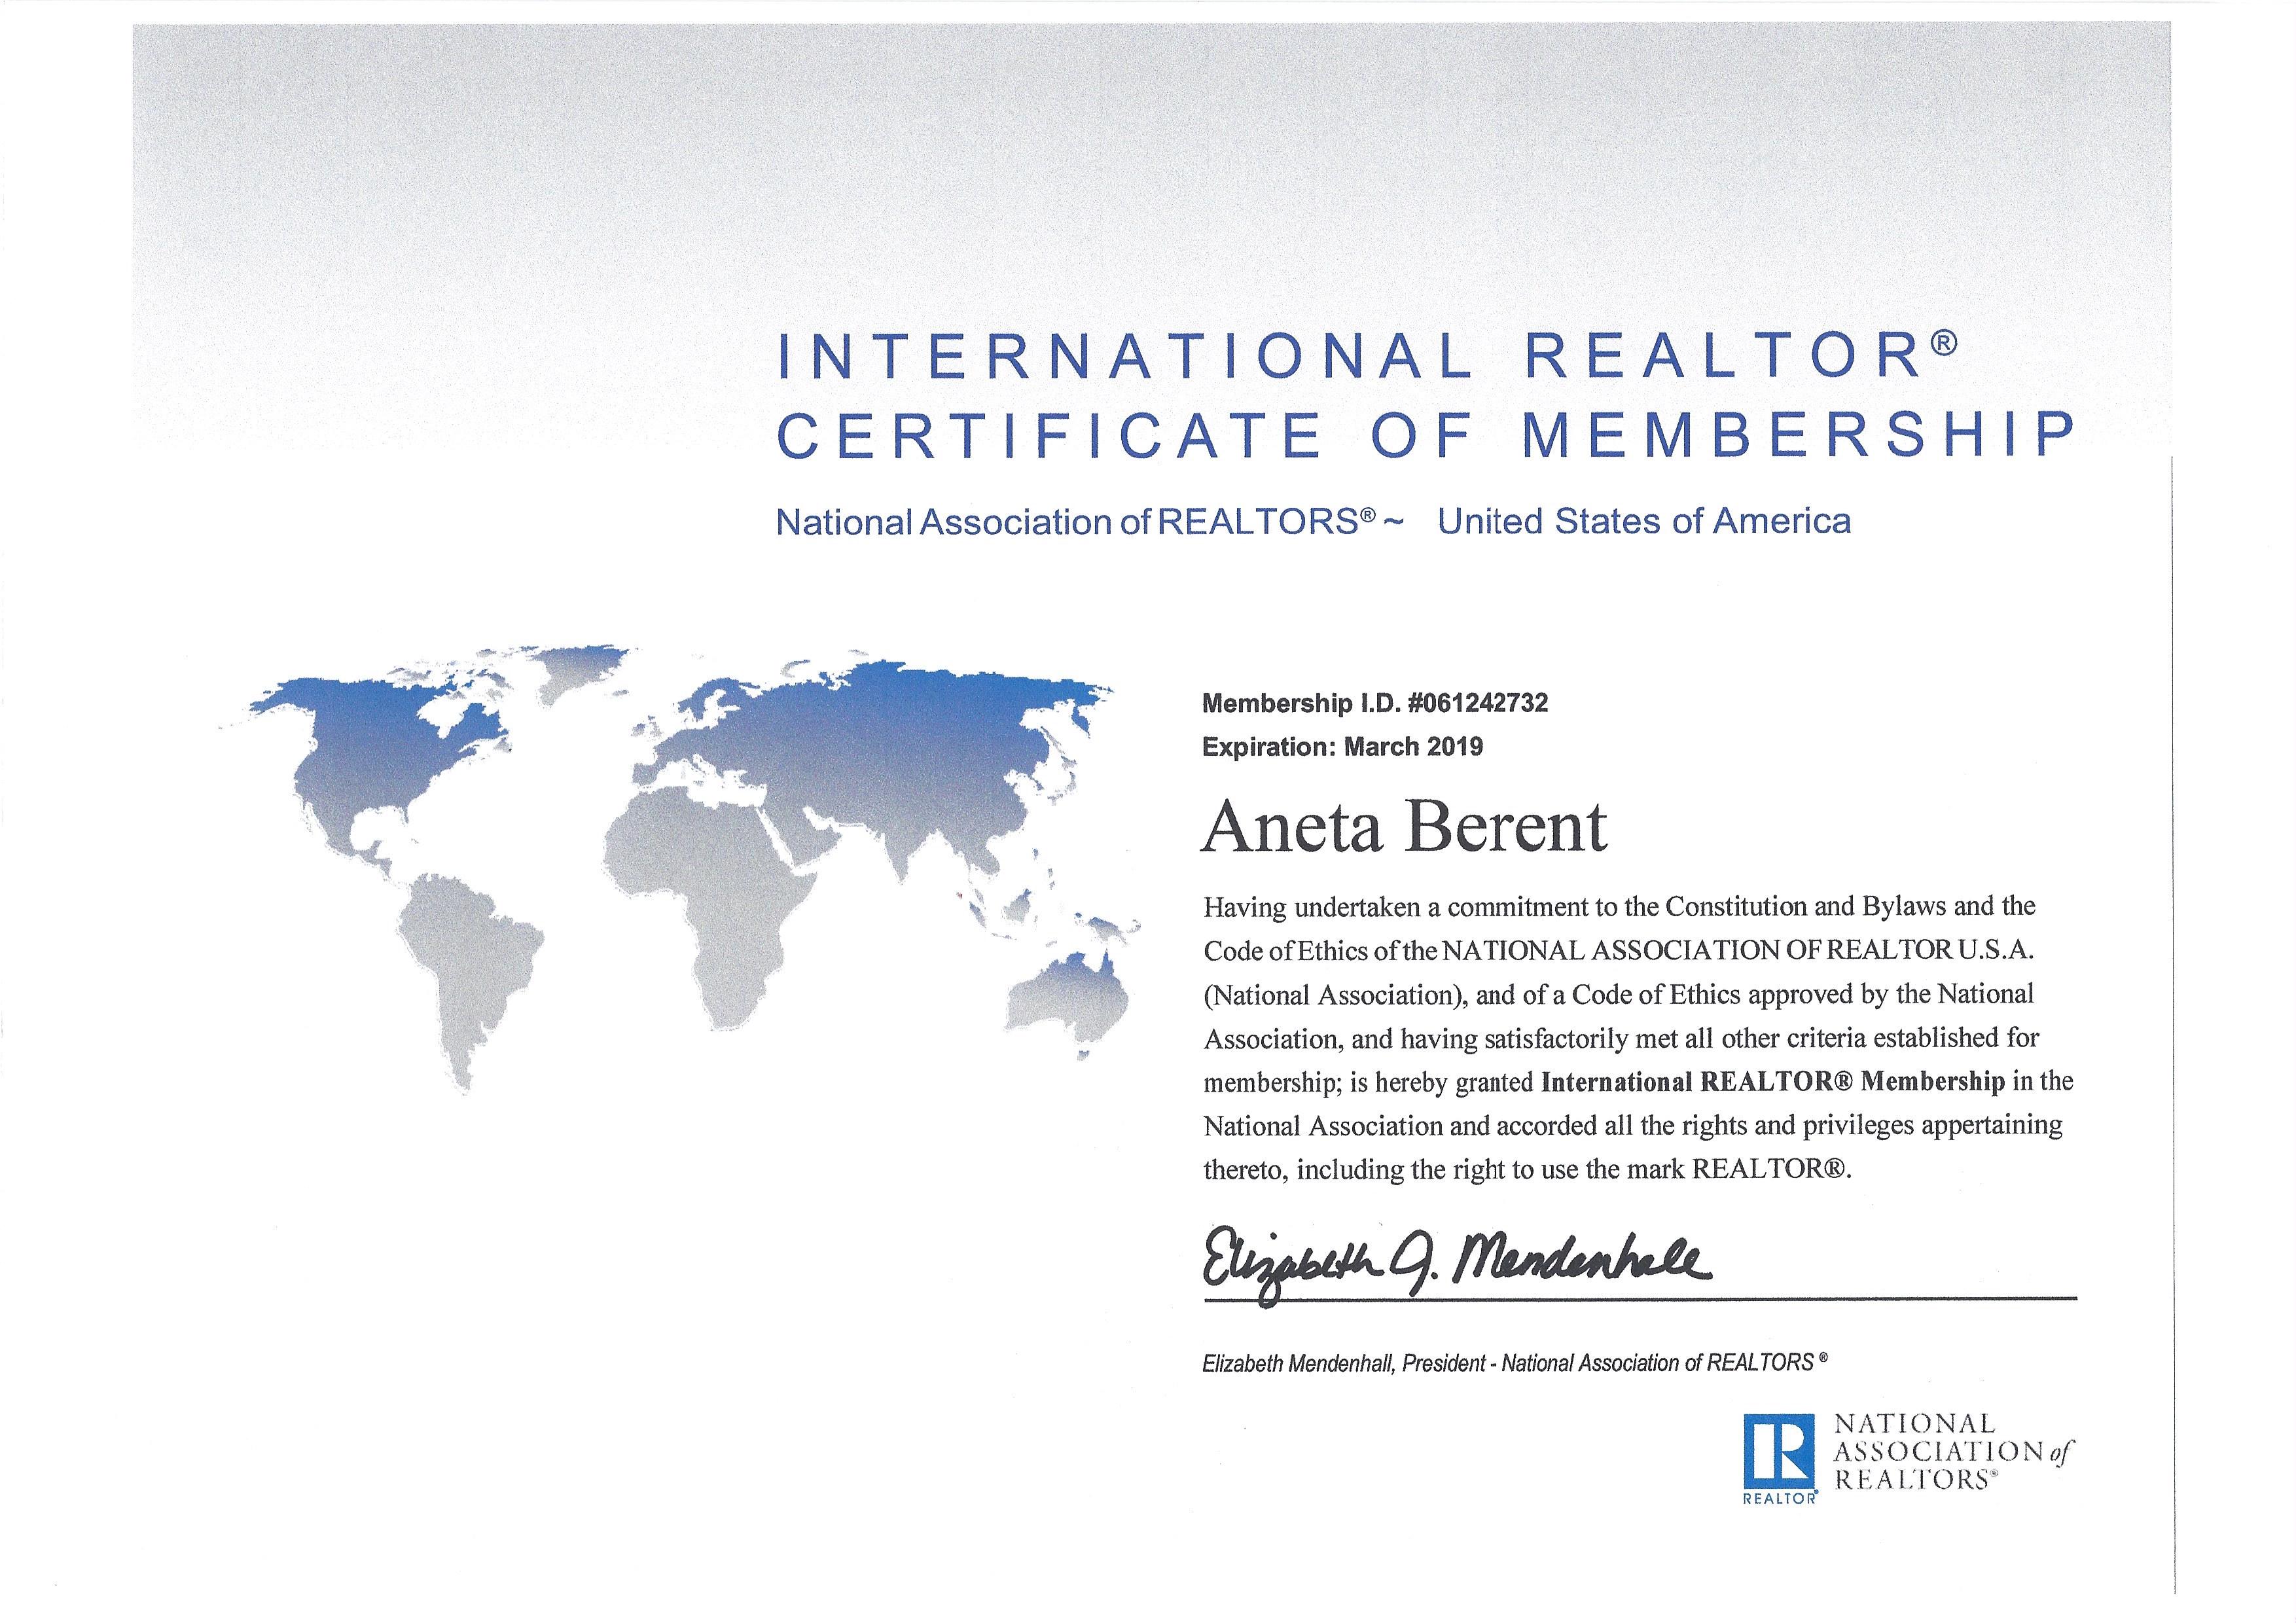 2018-irm-certificate-aneta-berent